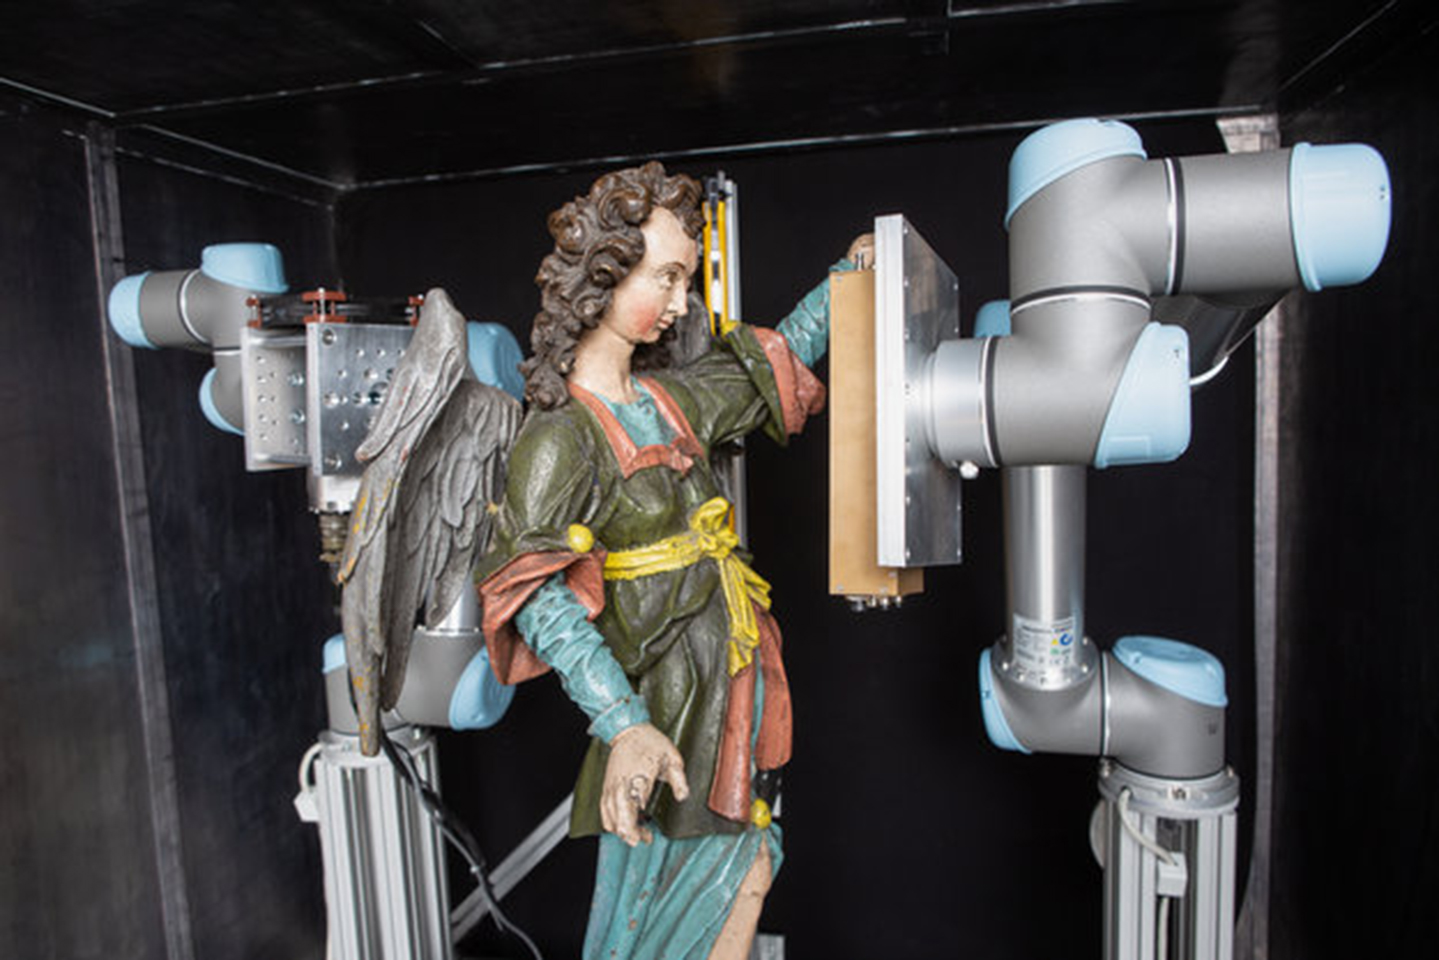 Rymdstrålningsdetektorn avslöjar förfalskade konstverk